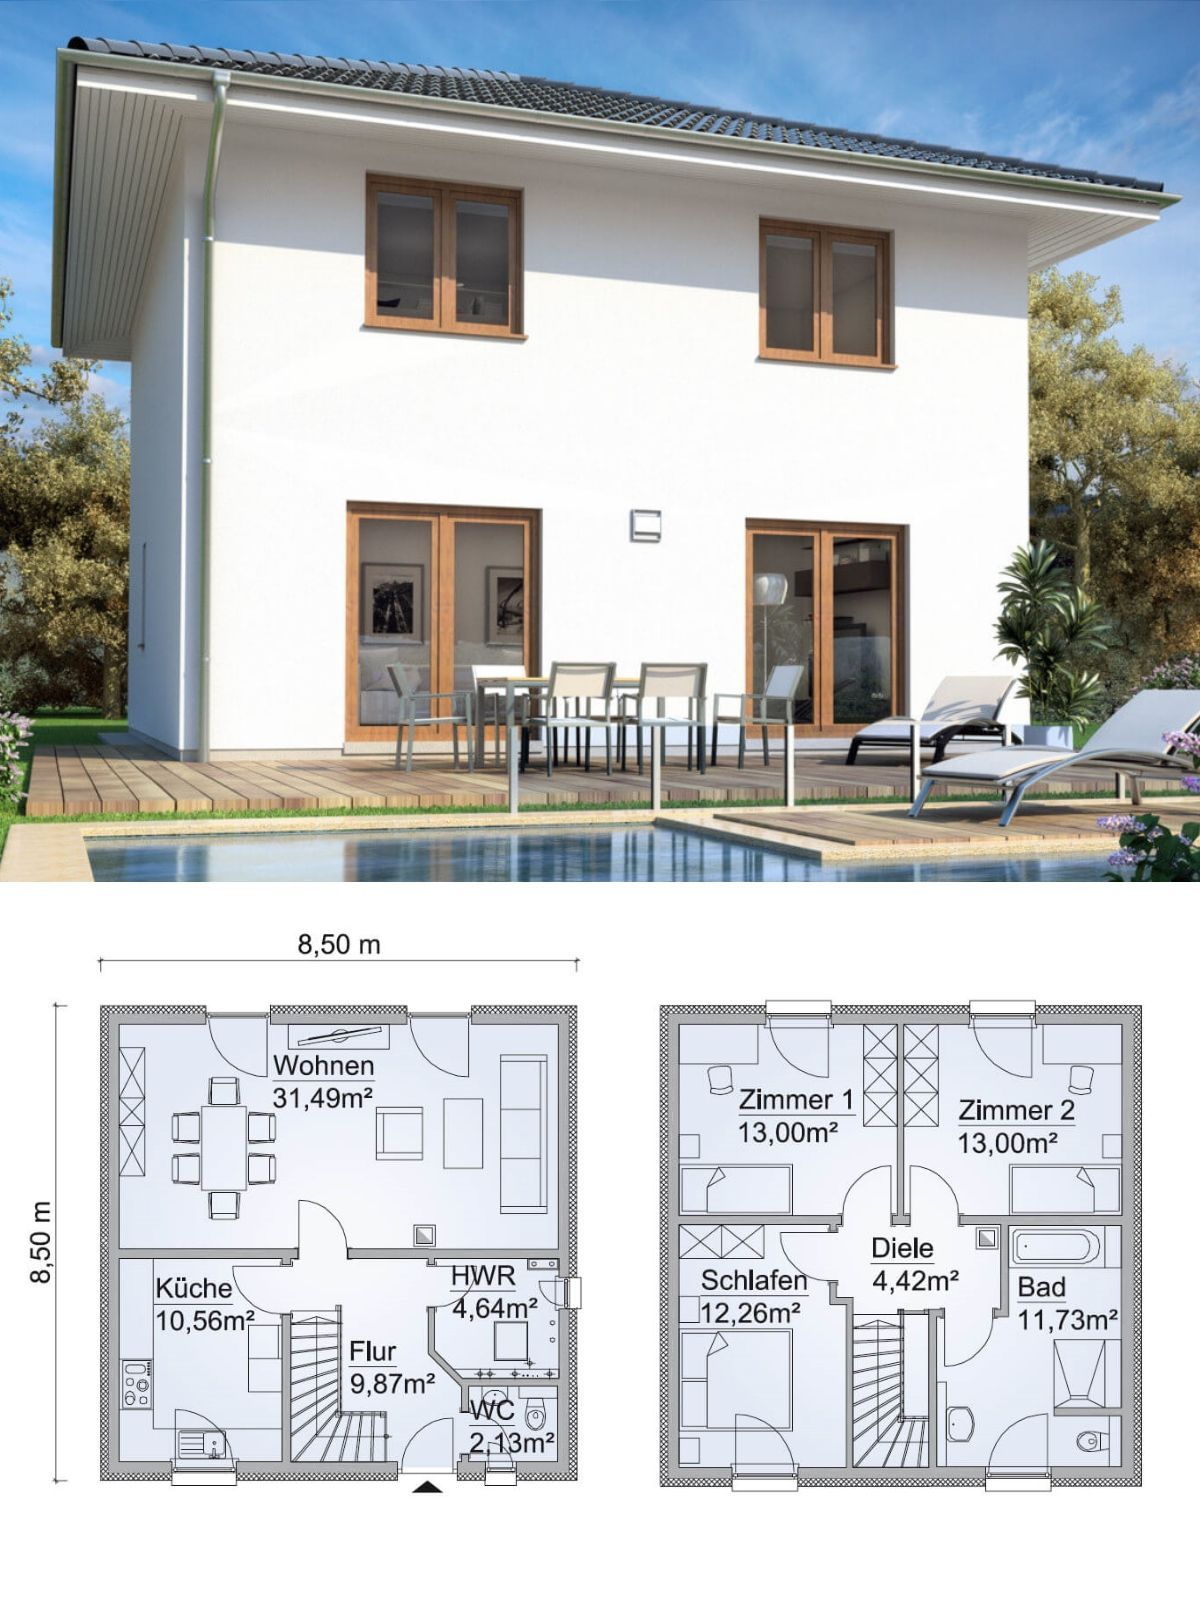 Haus flur design-ideen eng stadtvilla neubau modern mit zeltdach architektur  haus bauen